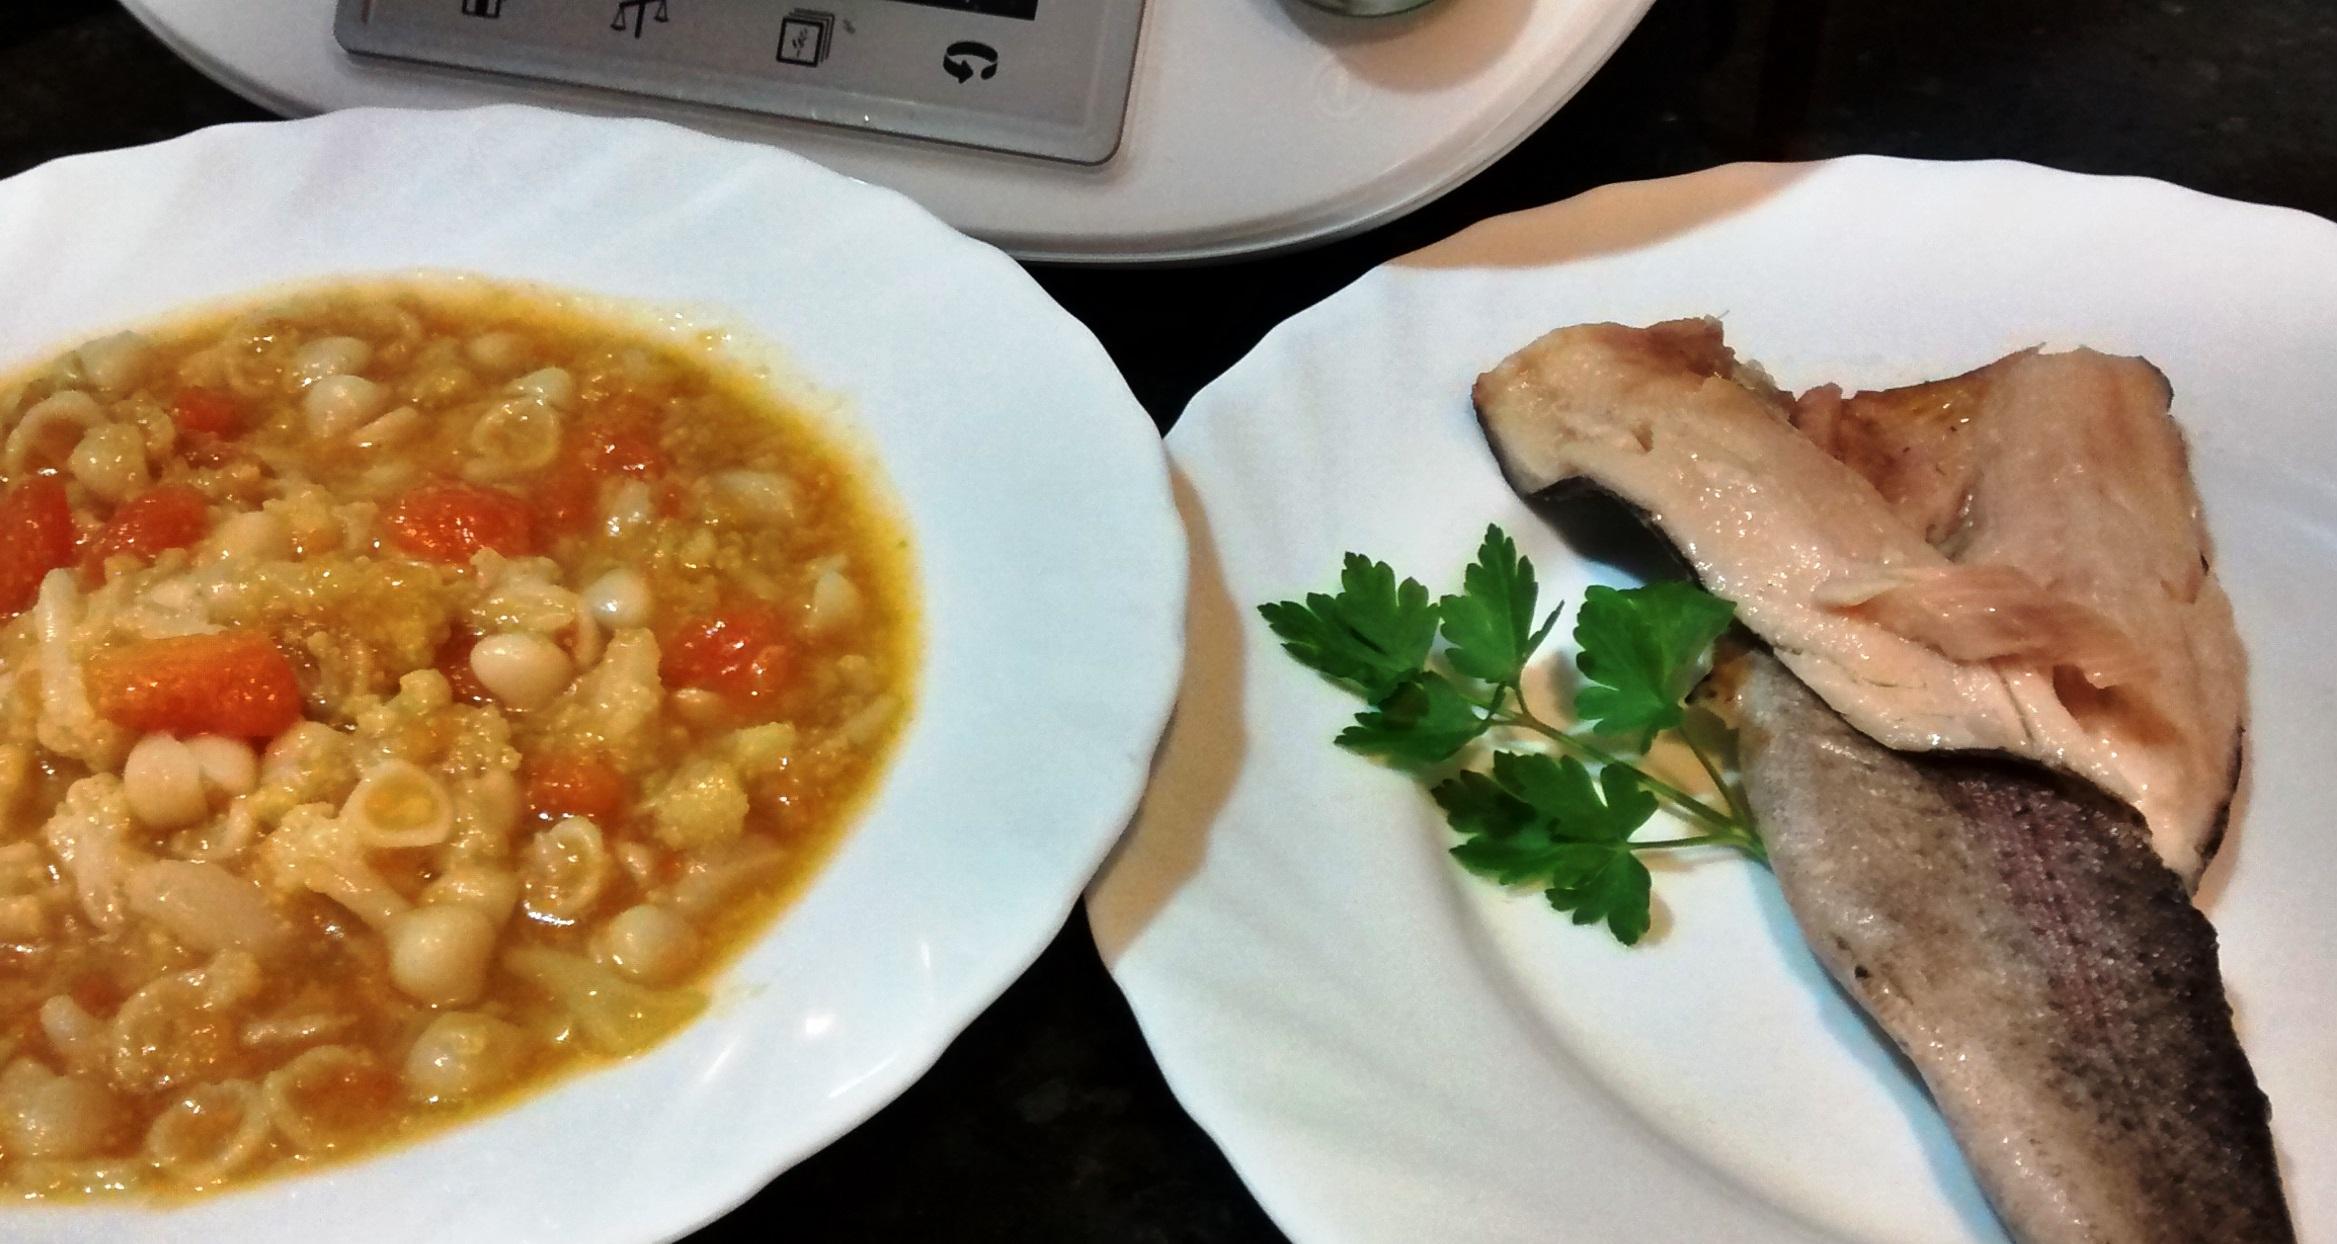 Menú completo: sopa de coliflor, brócoli y calabaza y...trucha al aroma de romero